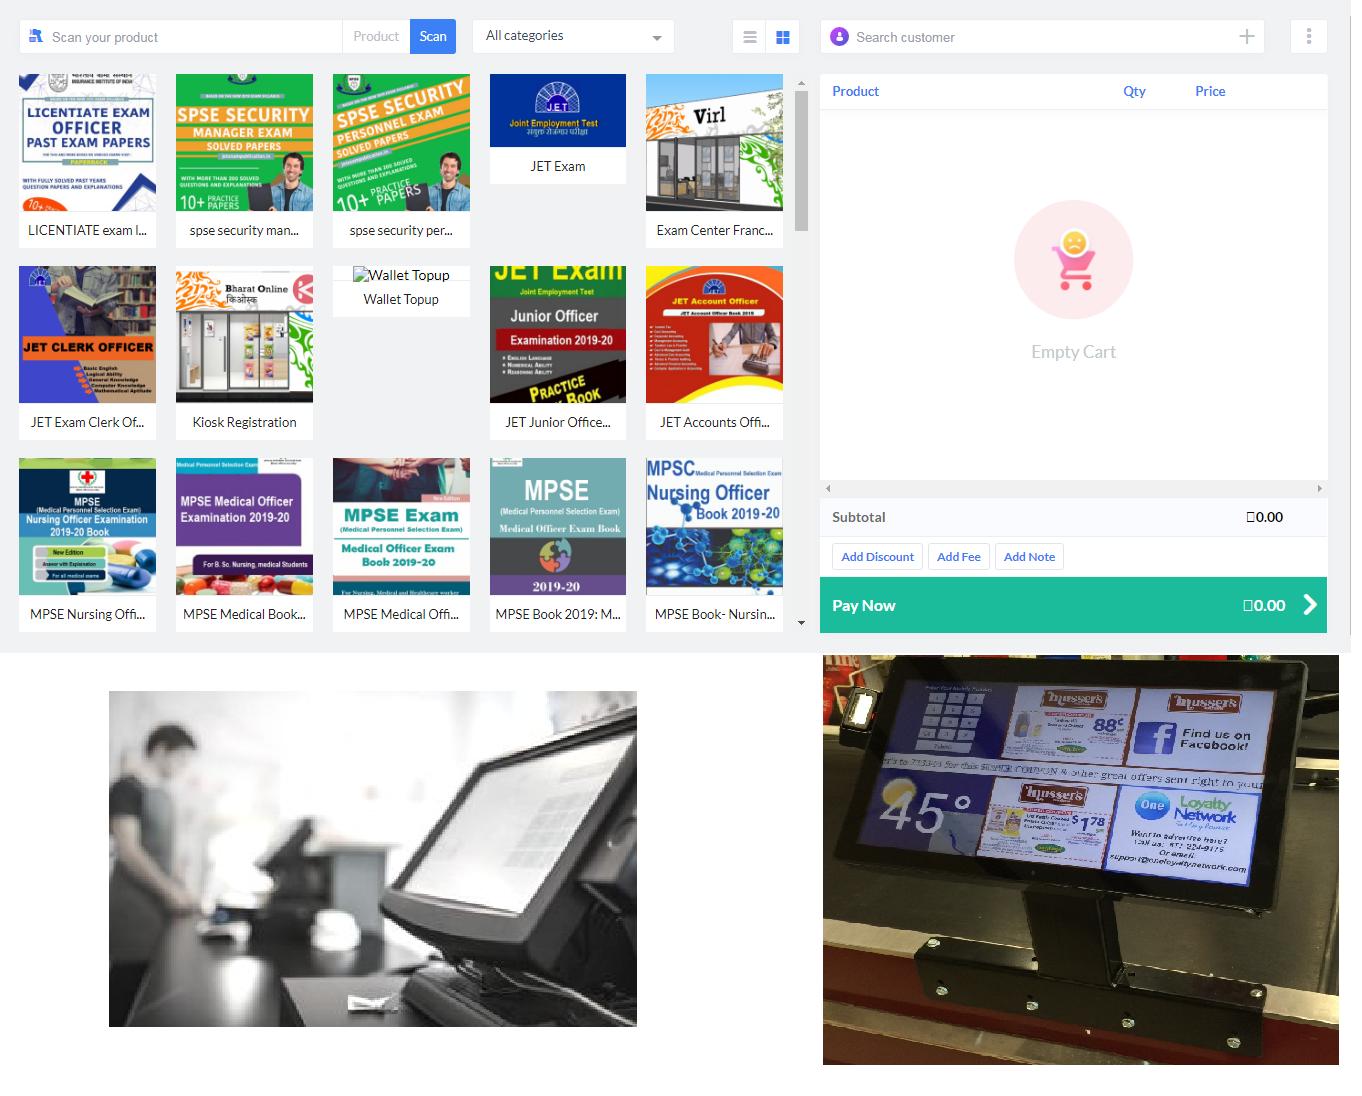 kiosk desk bharat online